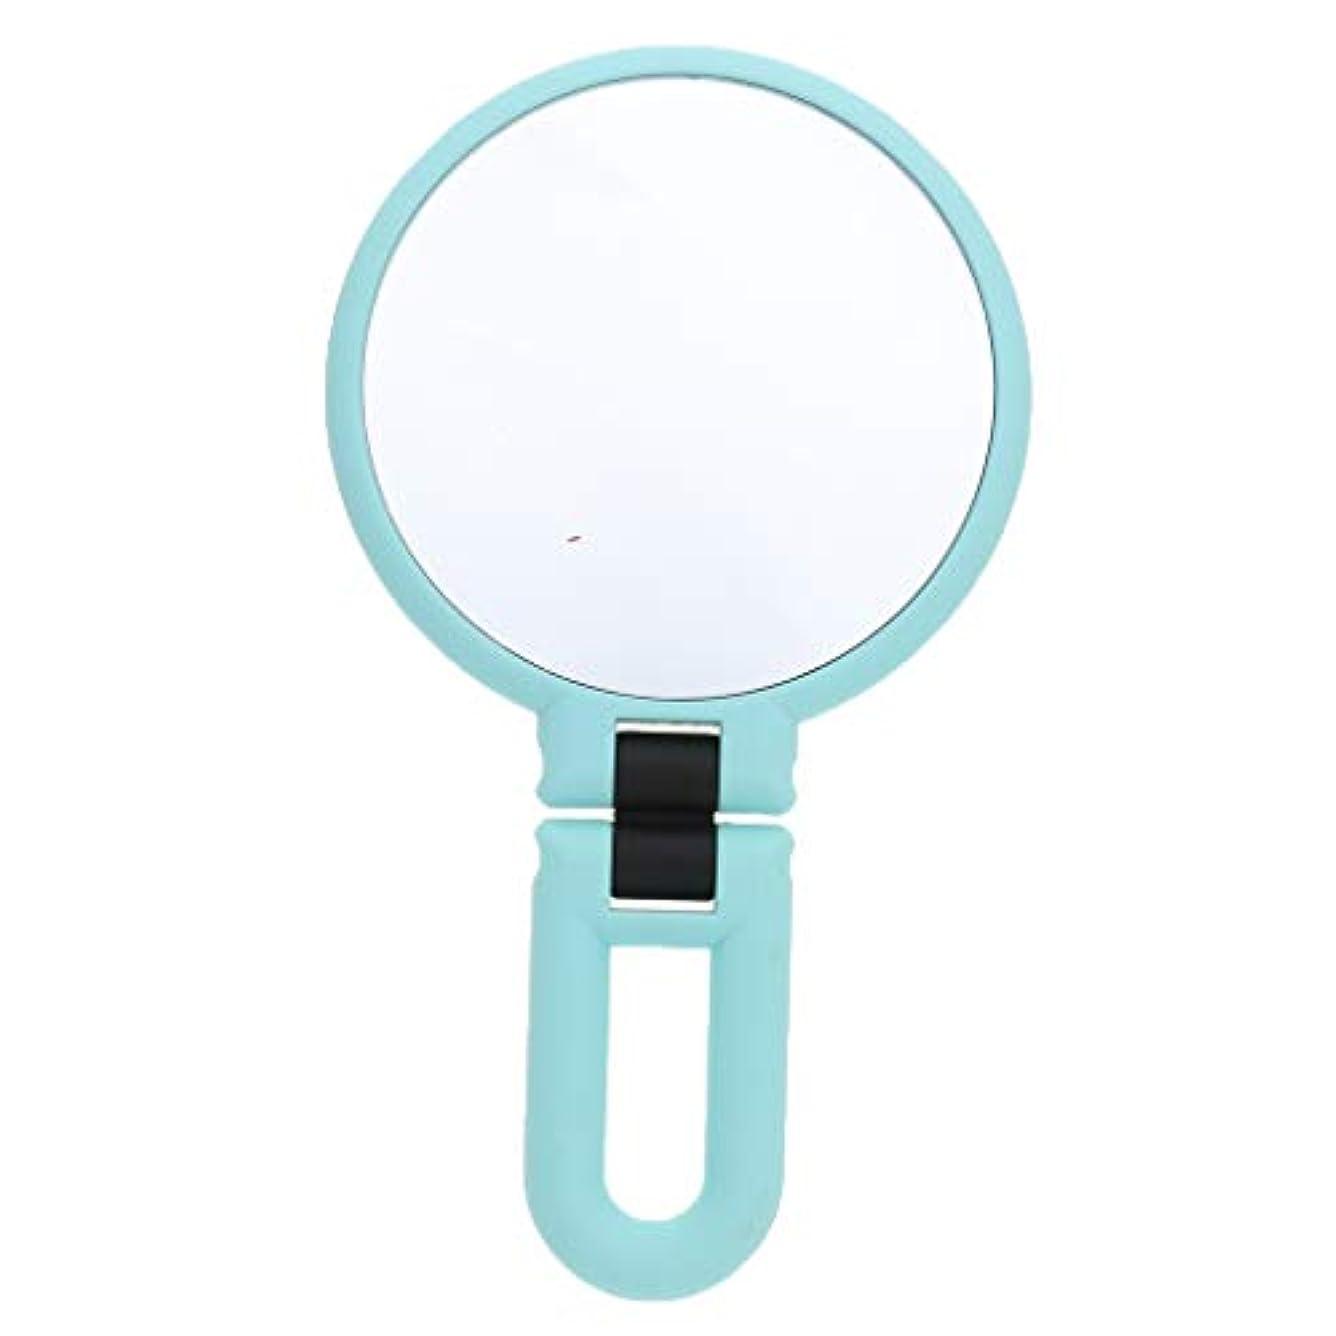 超えて道前述のgazechimp 鏡 化粧鏡 ハンドルミラー 装飾 ポータブル 両面鏡 全3サイズ - 15倍の拡大鏡